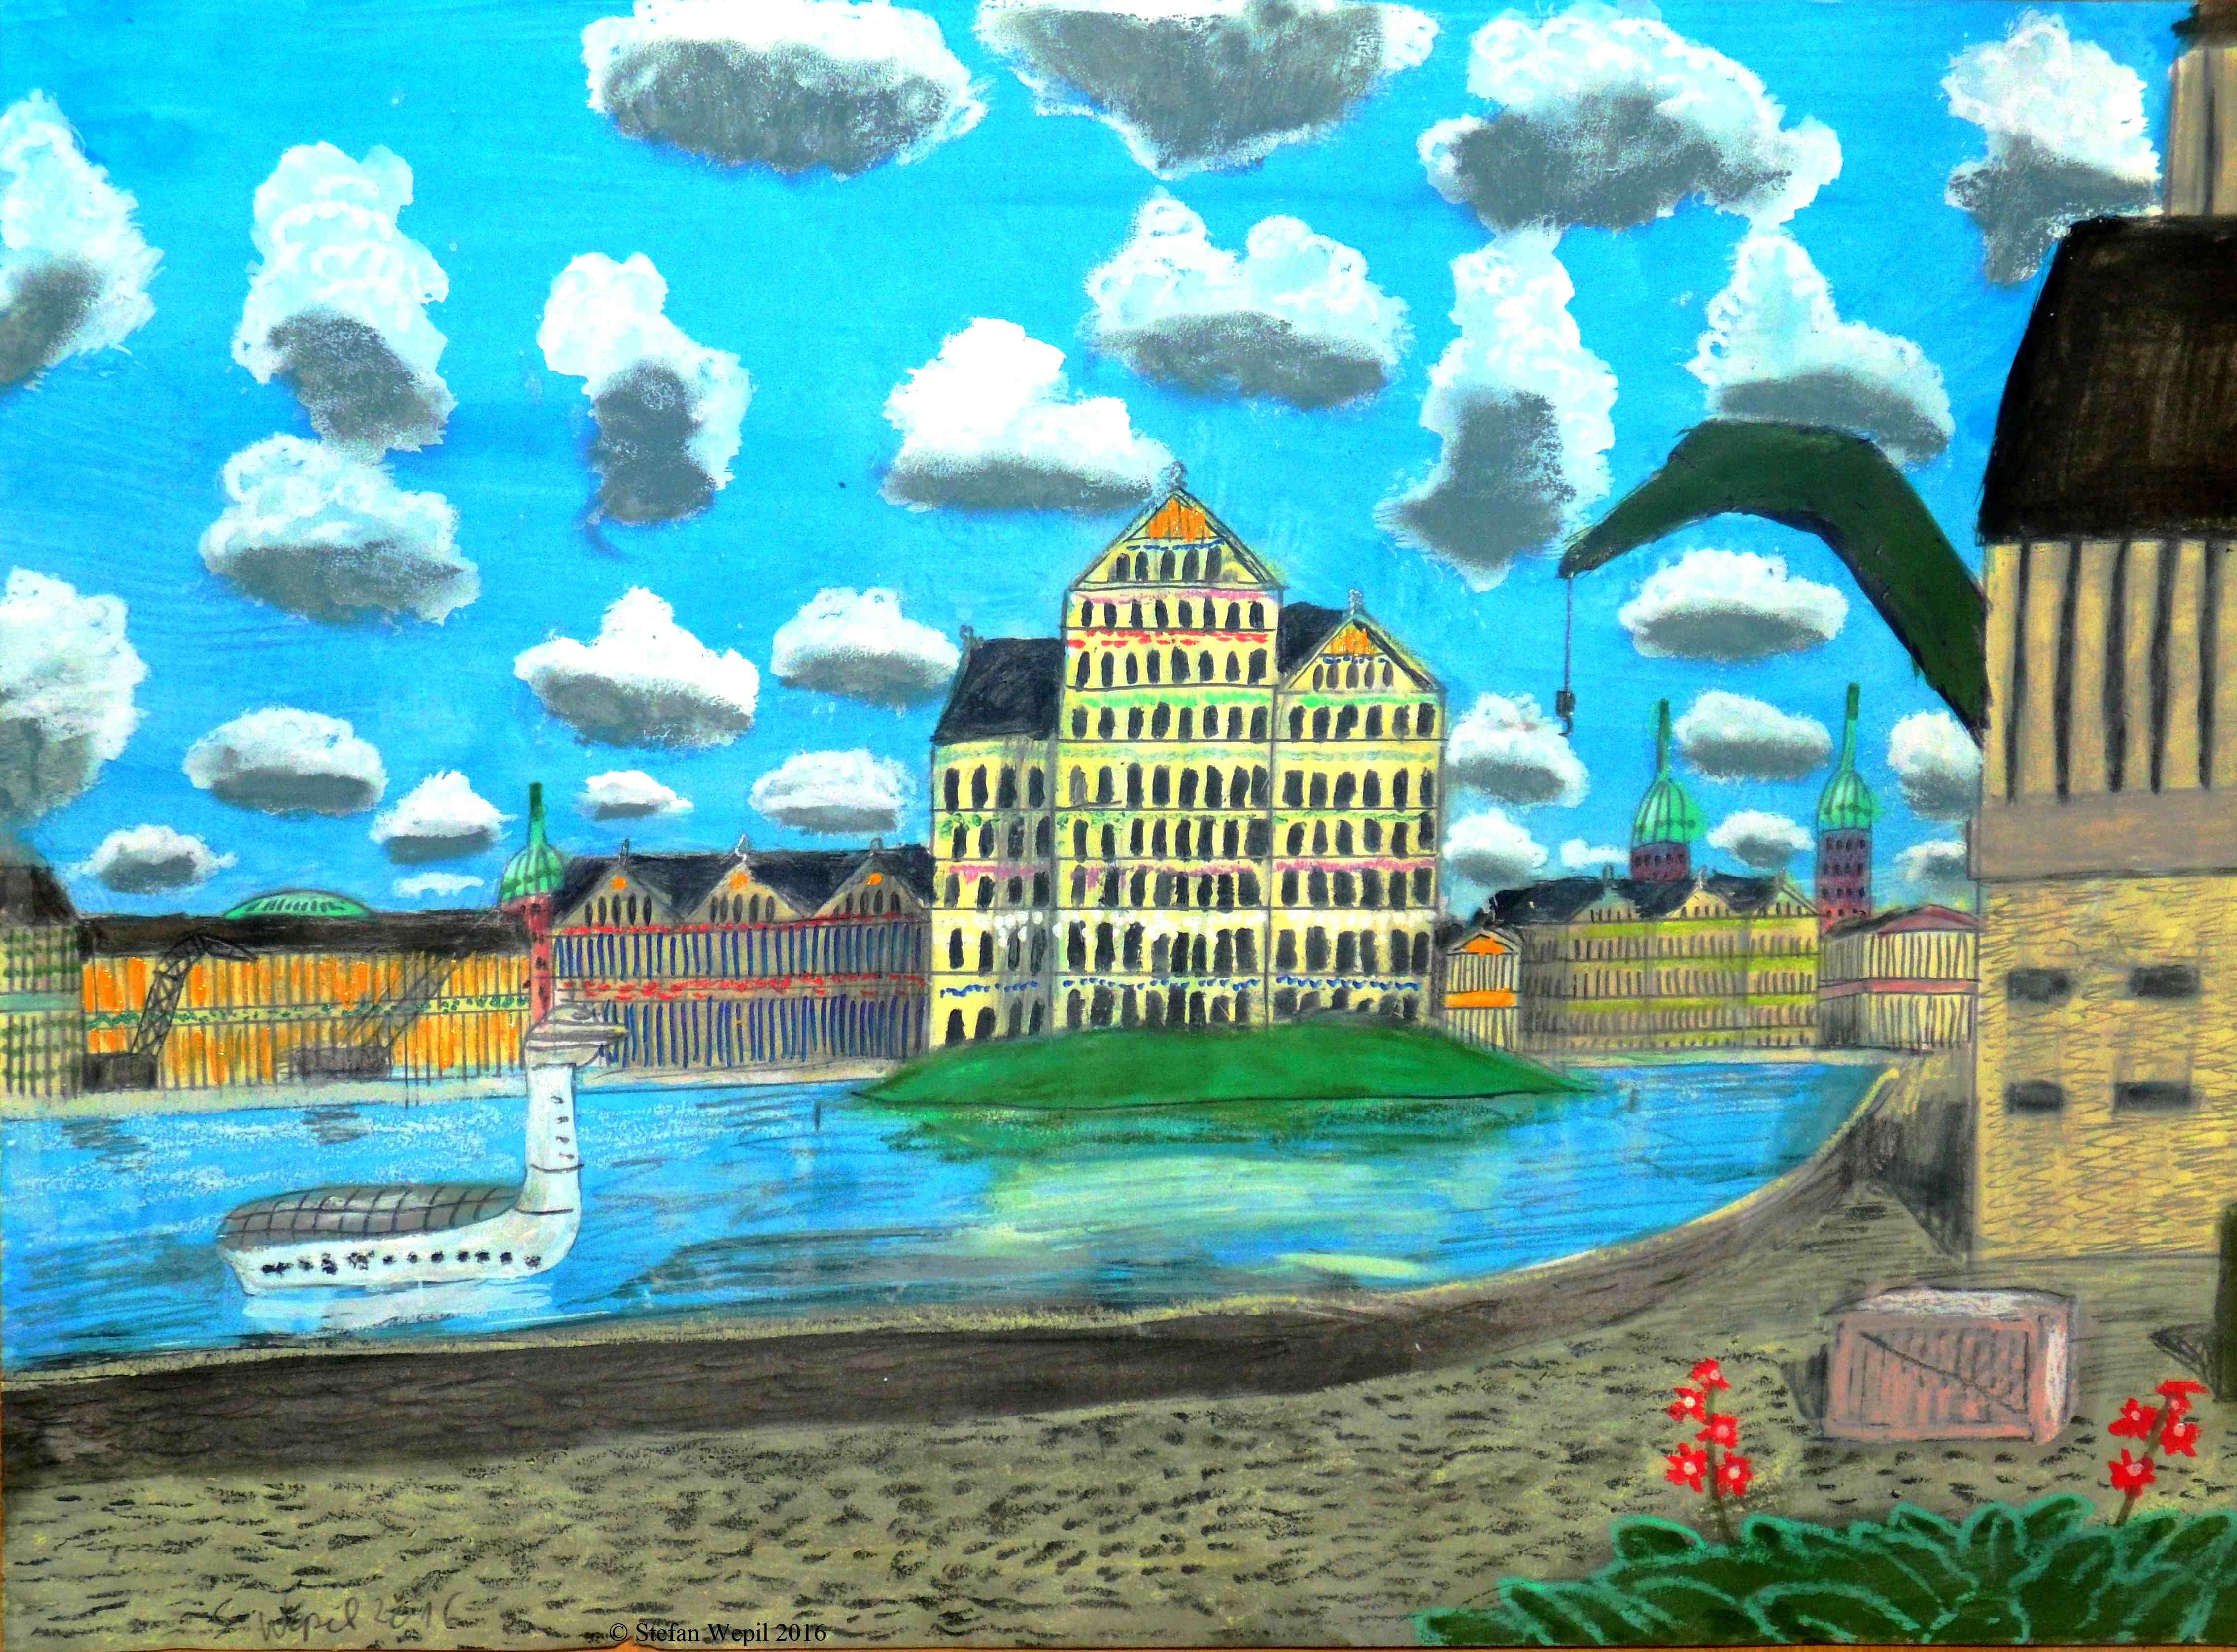 Das Flussviertel in Dom auf der Welt Dorgon. (C) Stefan Wepil